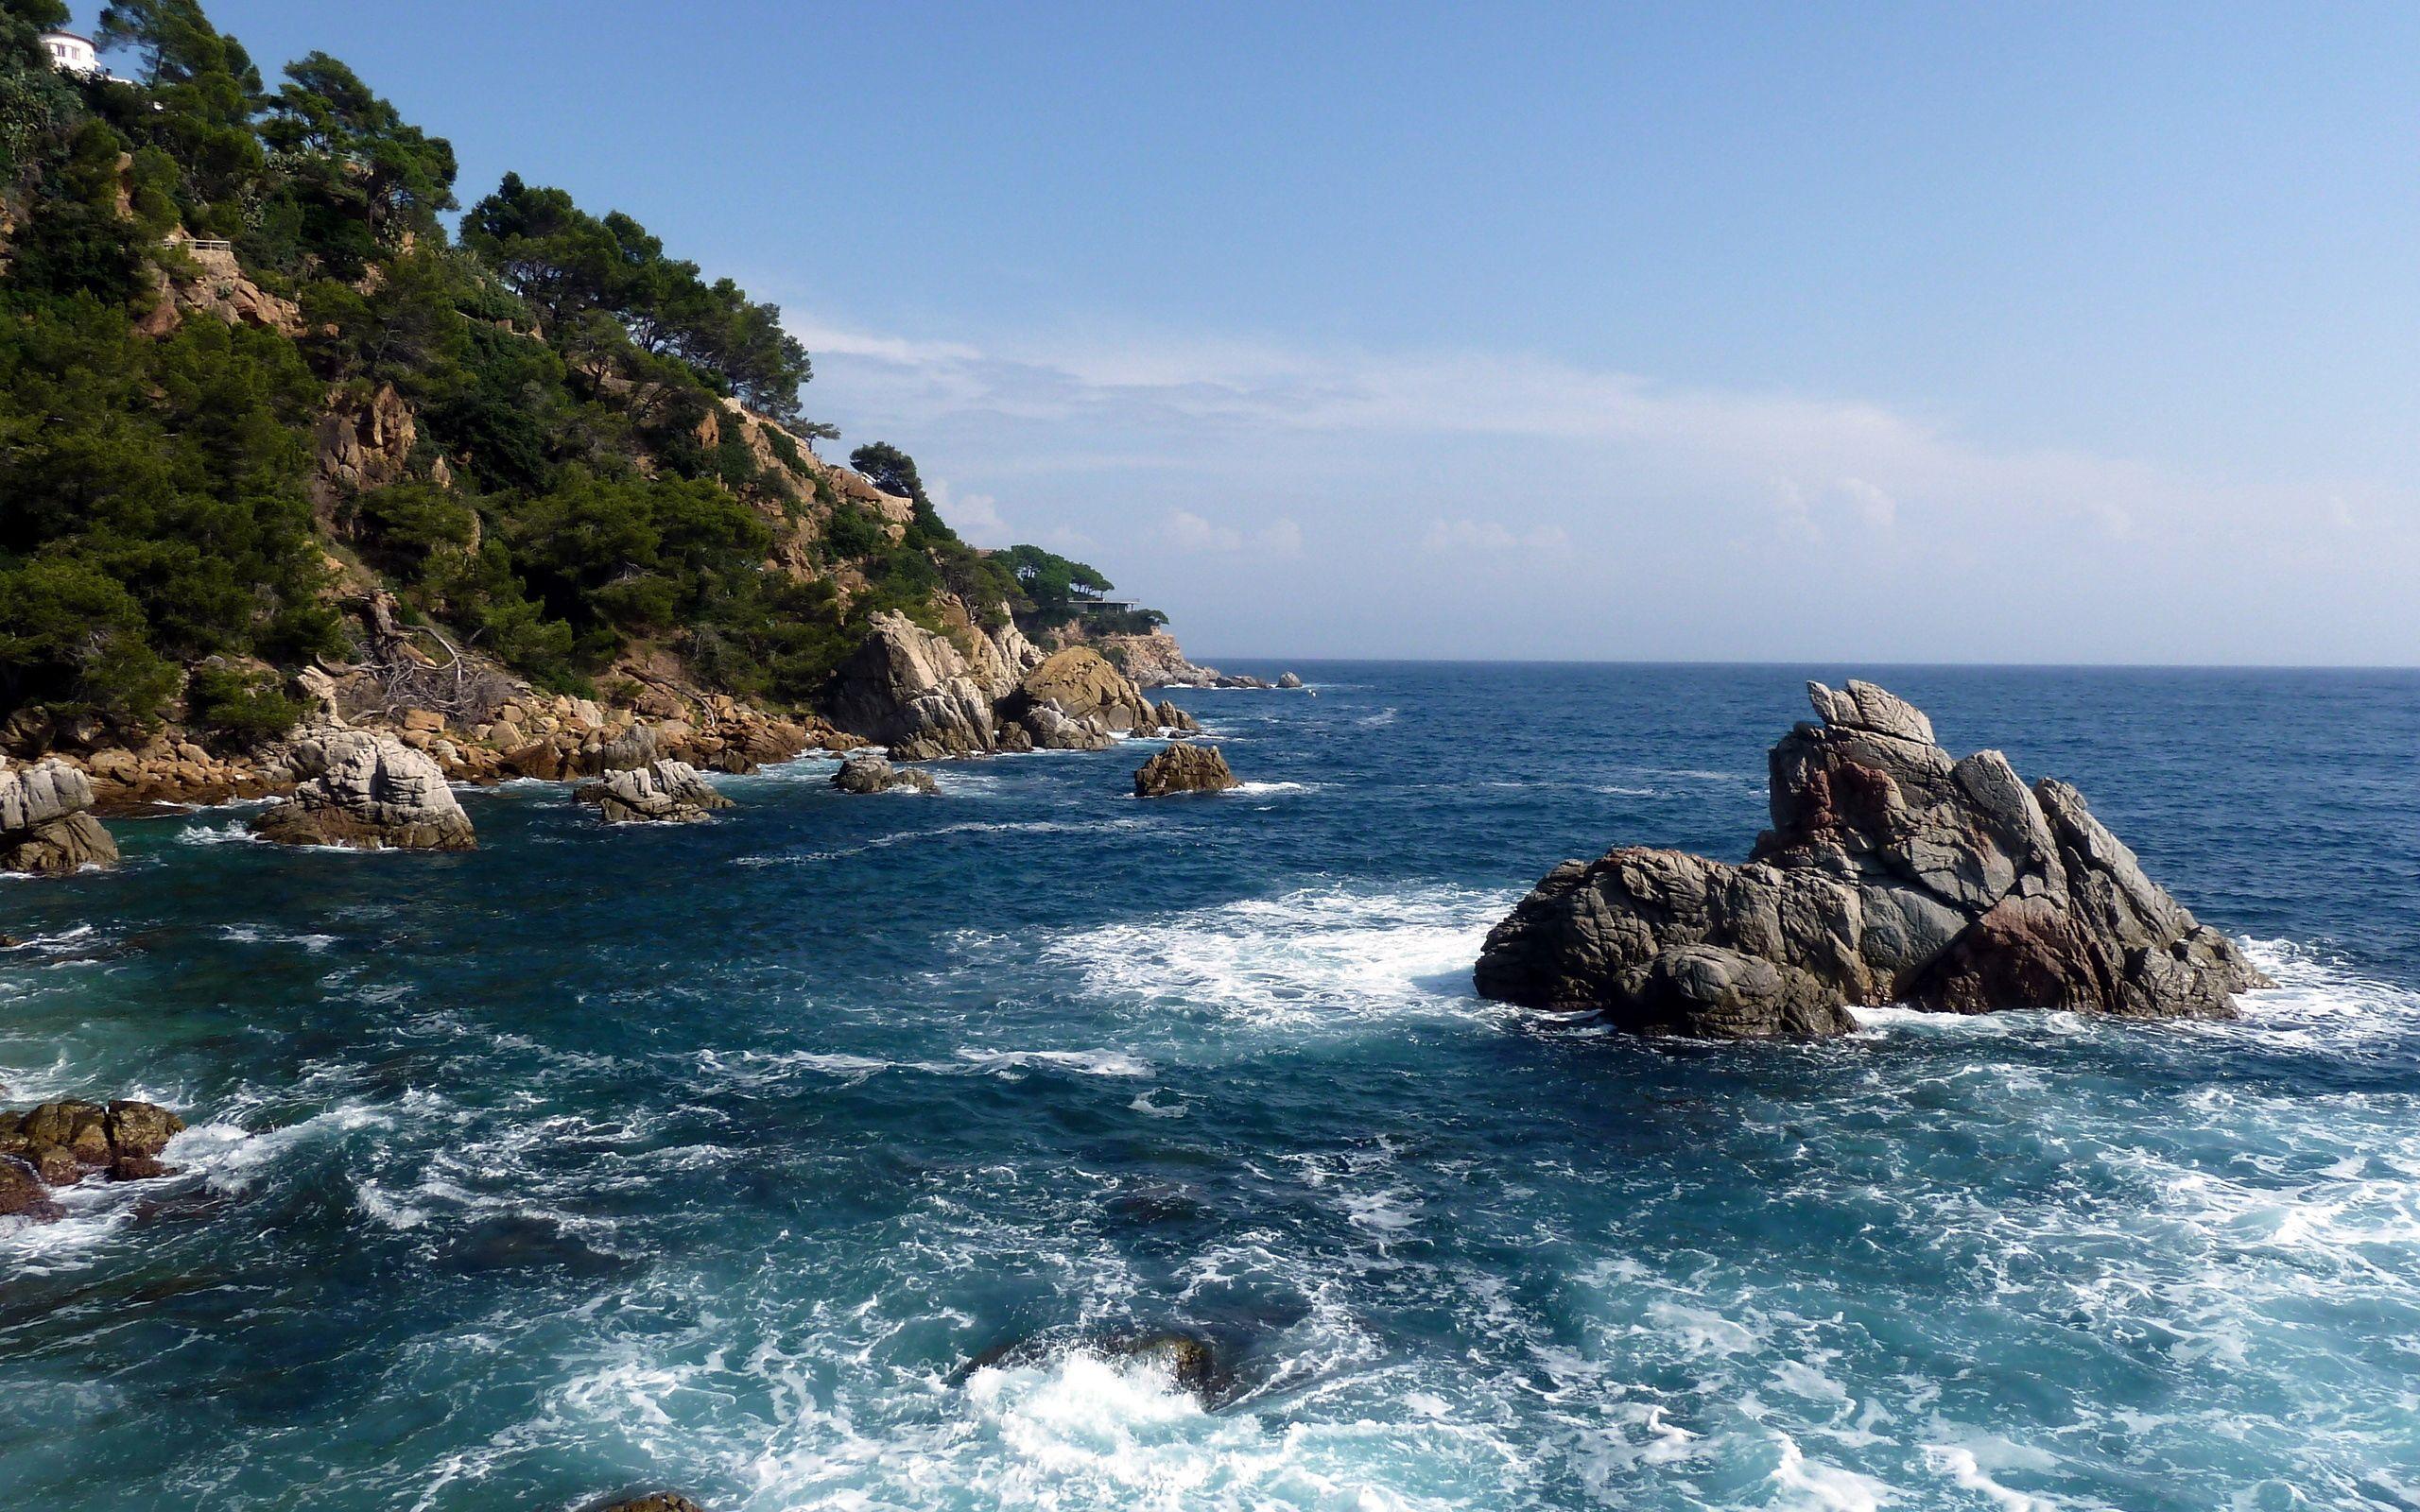 156570 скачать обои Море, Природа, Деревья, Камни, Скалы, Горизонт, Берег, Сила, Пена, Синее, Порезы - заставки и картинки бесплатно